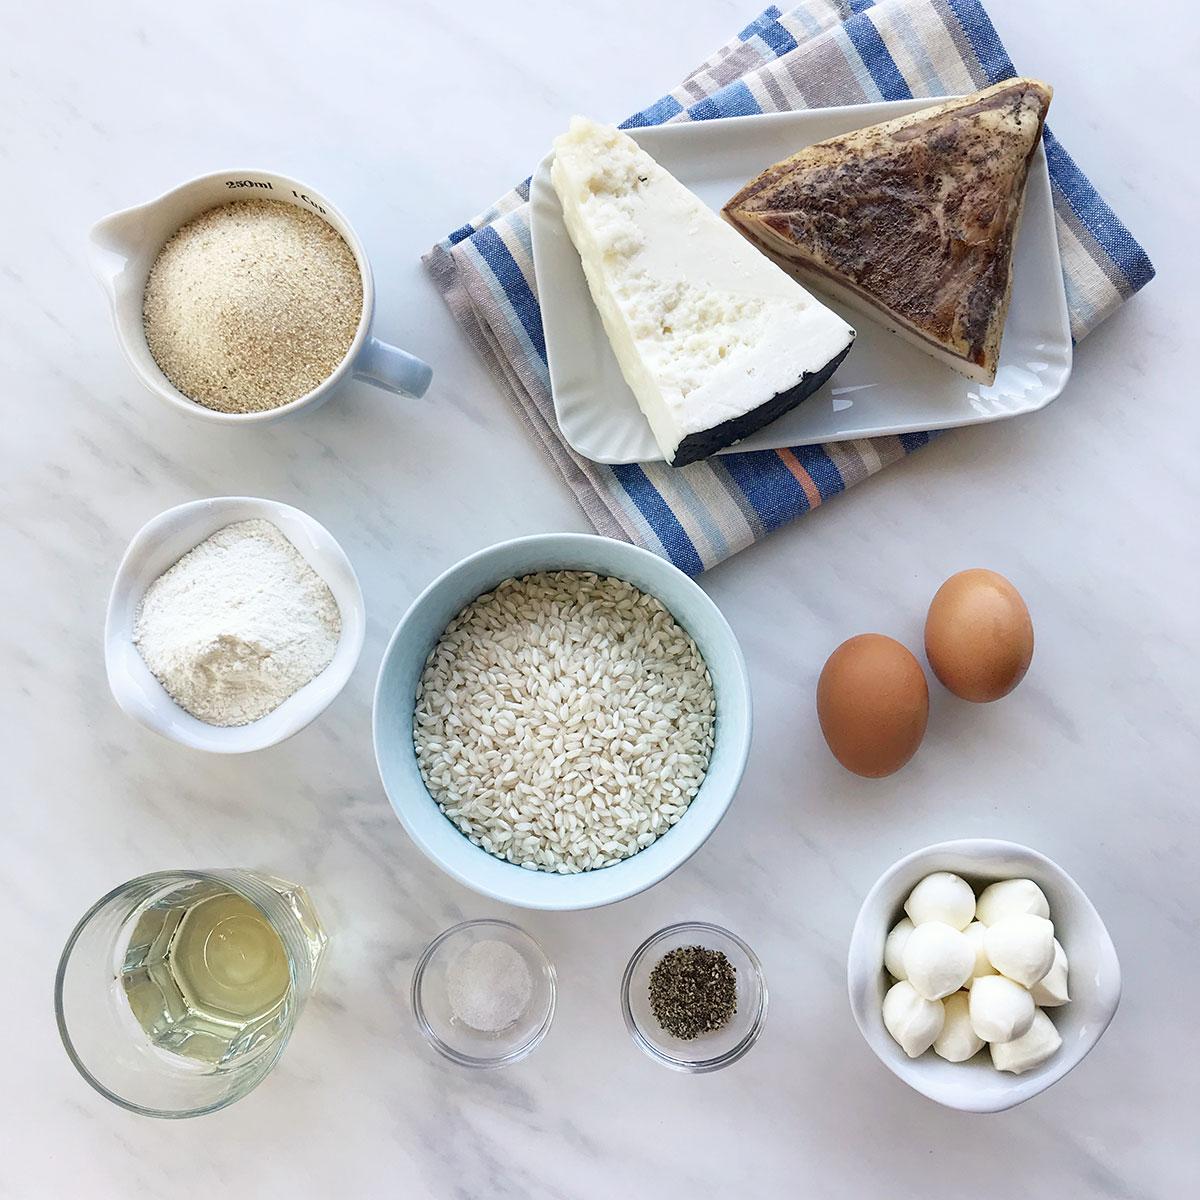 polpette_riso_alla_grigia_ingredienti